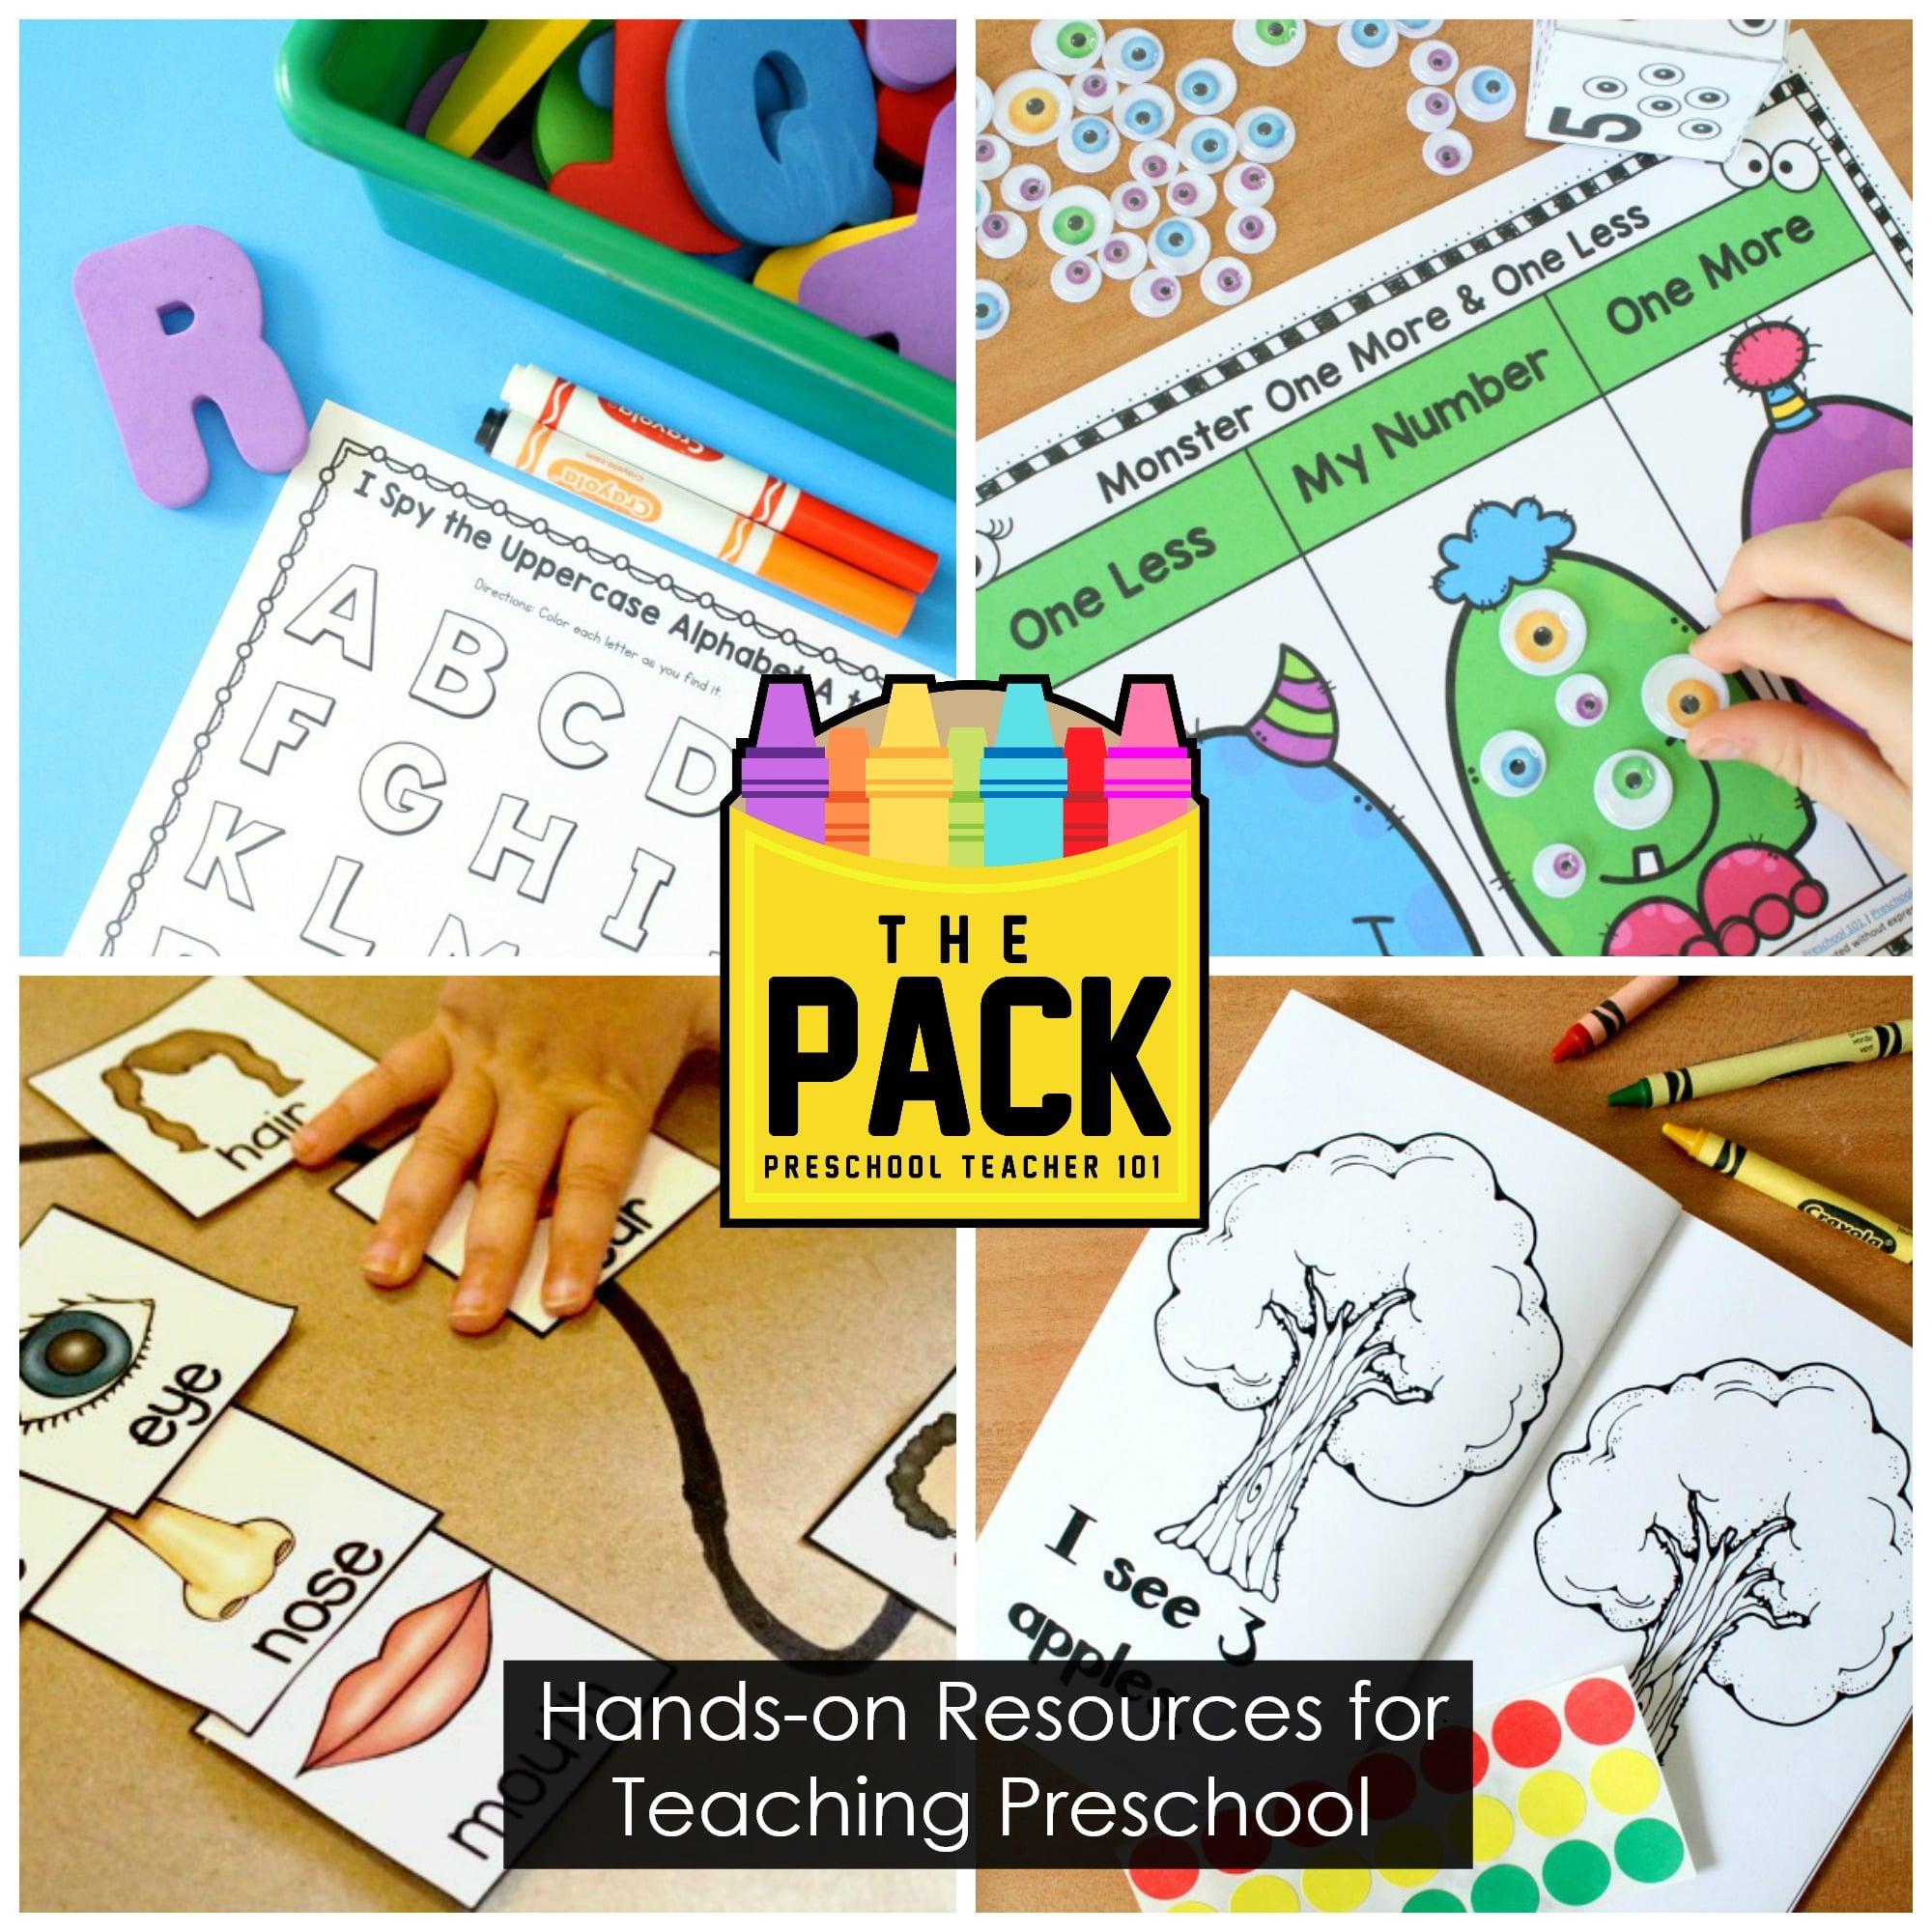 Preschool Curriculum-The Pack from Preschool Teacher 101